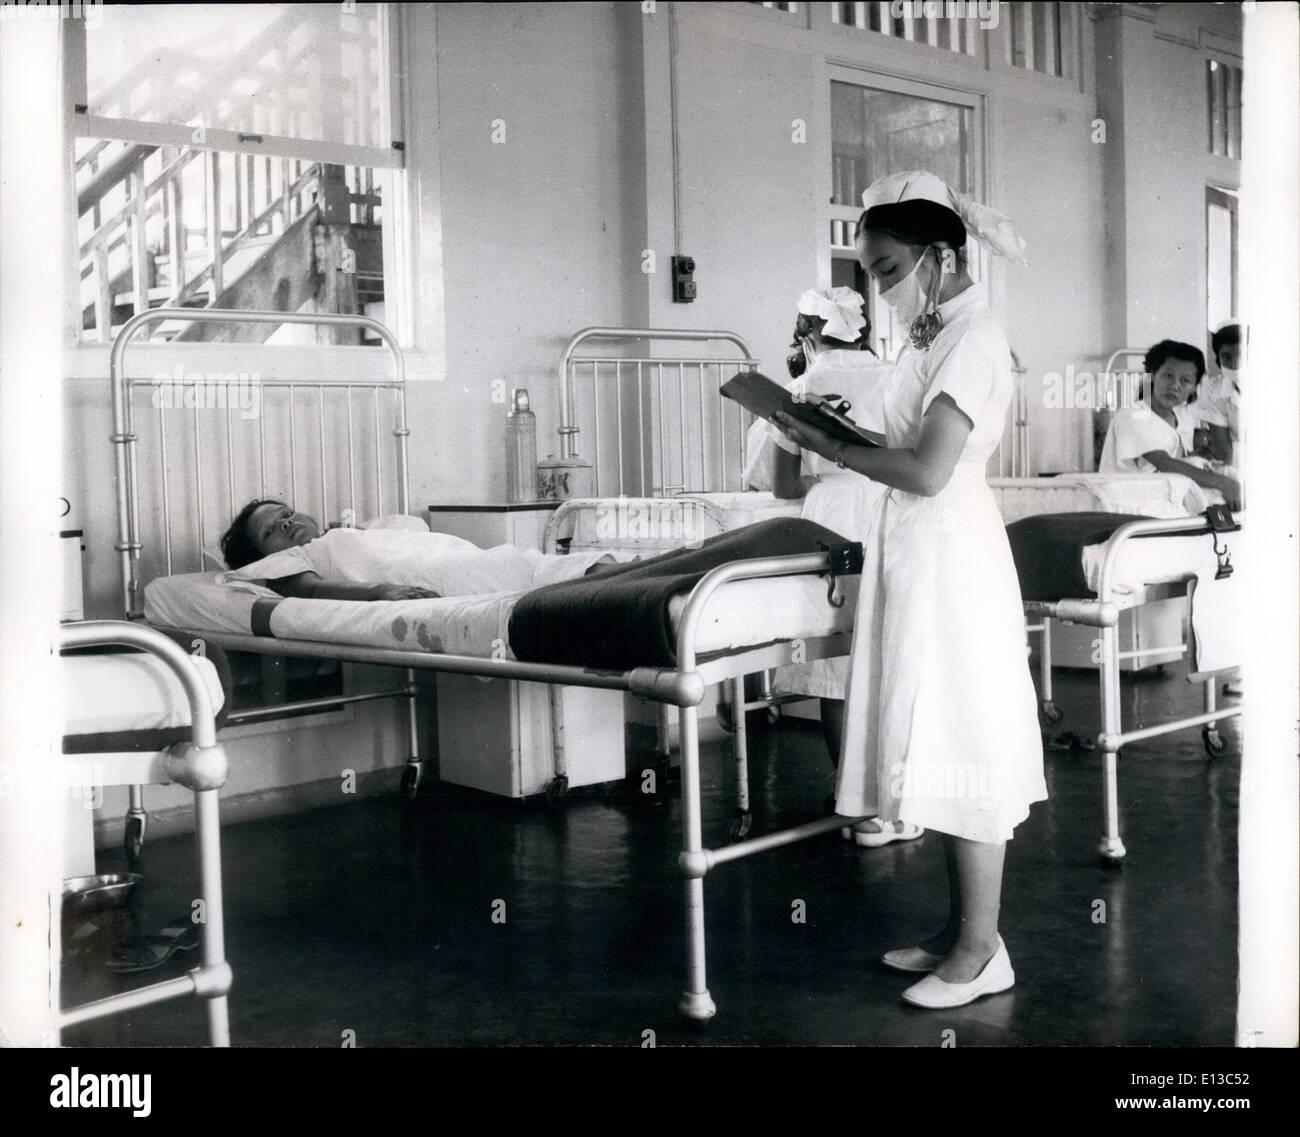 Febbraio 29, 2012 - ragazze tribali di treno come ostetriche: una volta timido, timido ragazze tribali sono trasformate in fresco, efficiente ostetriche in Kuching General Hospital. Essi ritorneranno alle loro della tribù longhouses comunale per aiutare a ridurre il tasso di mortalità infantile. Questa nei controlli di una cartella paziente in reparto durante il suo turno di dazi. Jungle ragazze addestrato come ostetriche in Sarawak esperimento ospedale di successo con i primi due significherà 100 un anno schema per ridurre il tasso di mortalità infantile nella giungla longhouses: Dr Immagini Stock